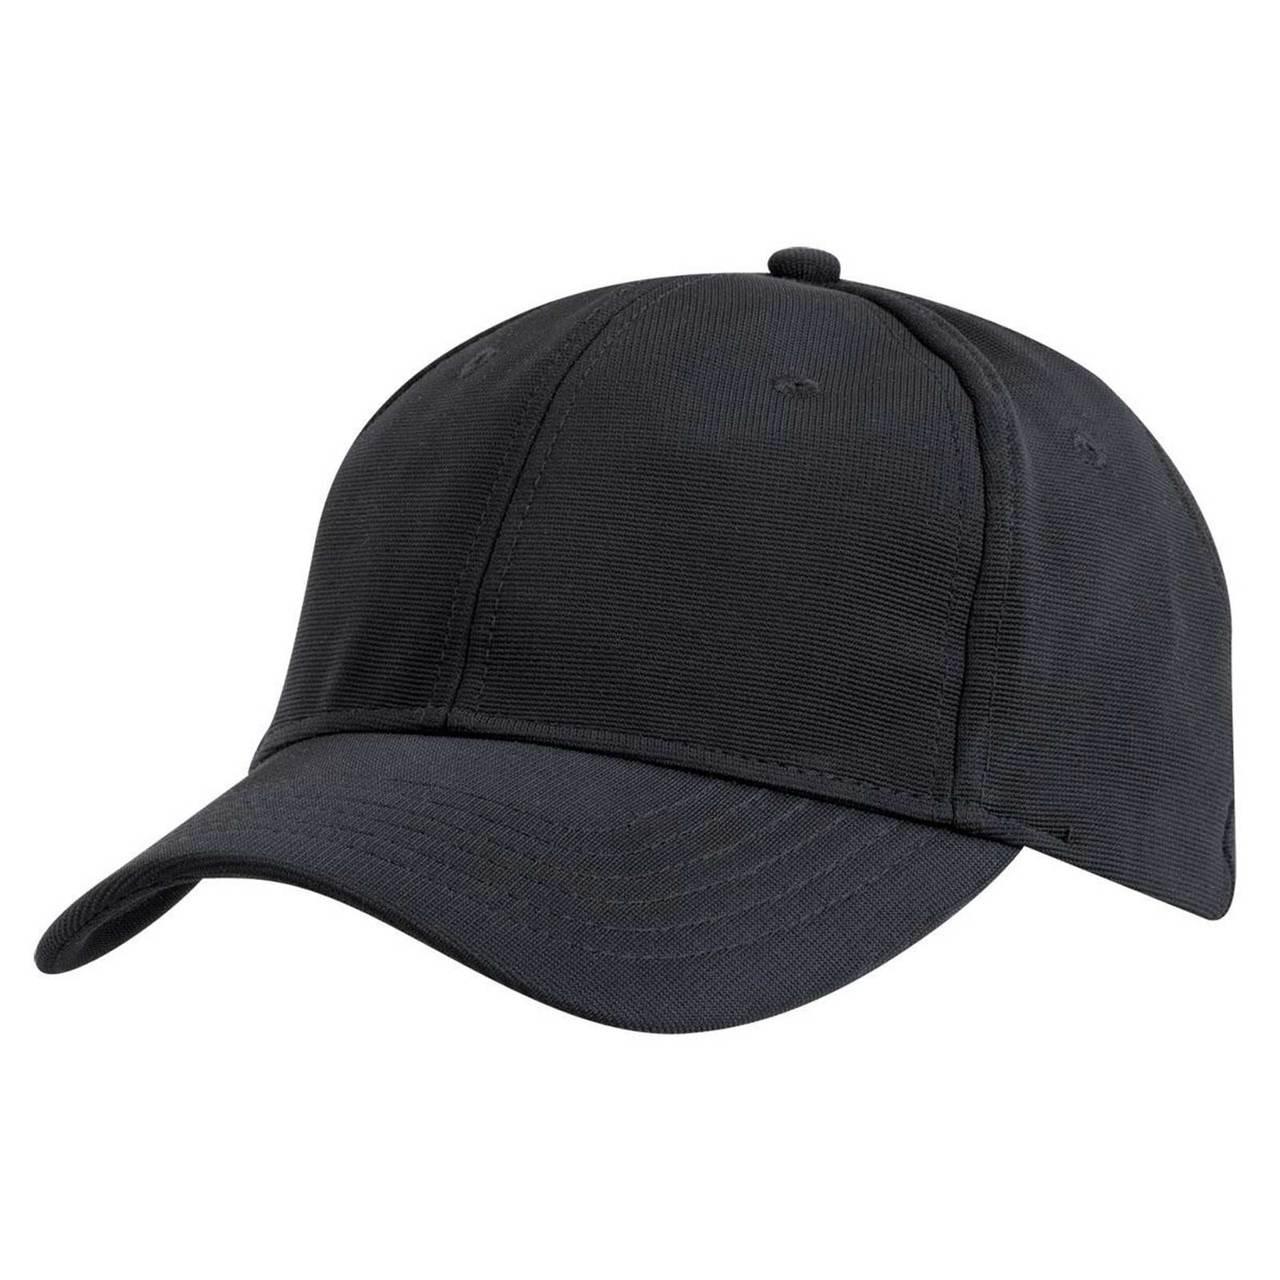 Wholesale Black Onefit Ottoman Cap - Buy Plain Hats Online b8ef3d782f7